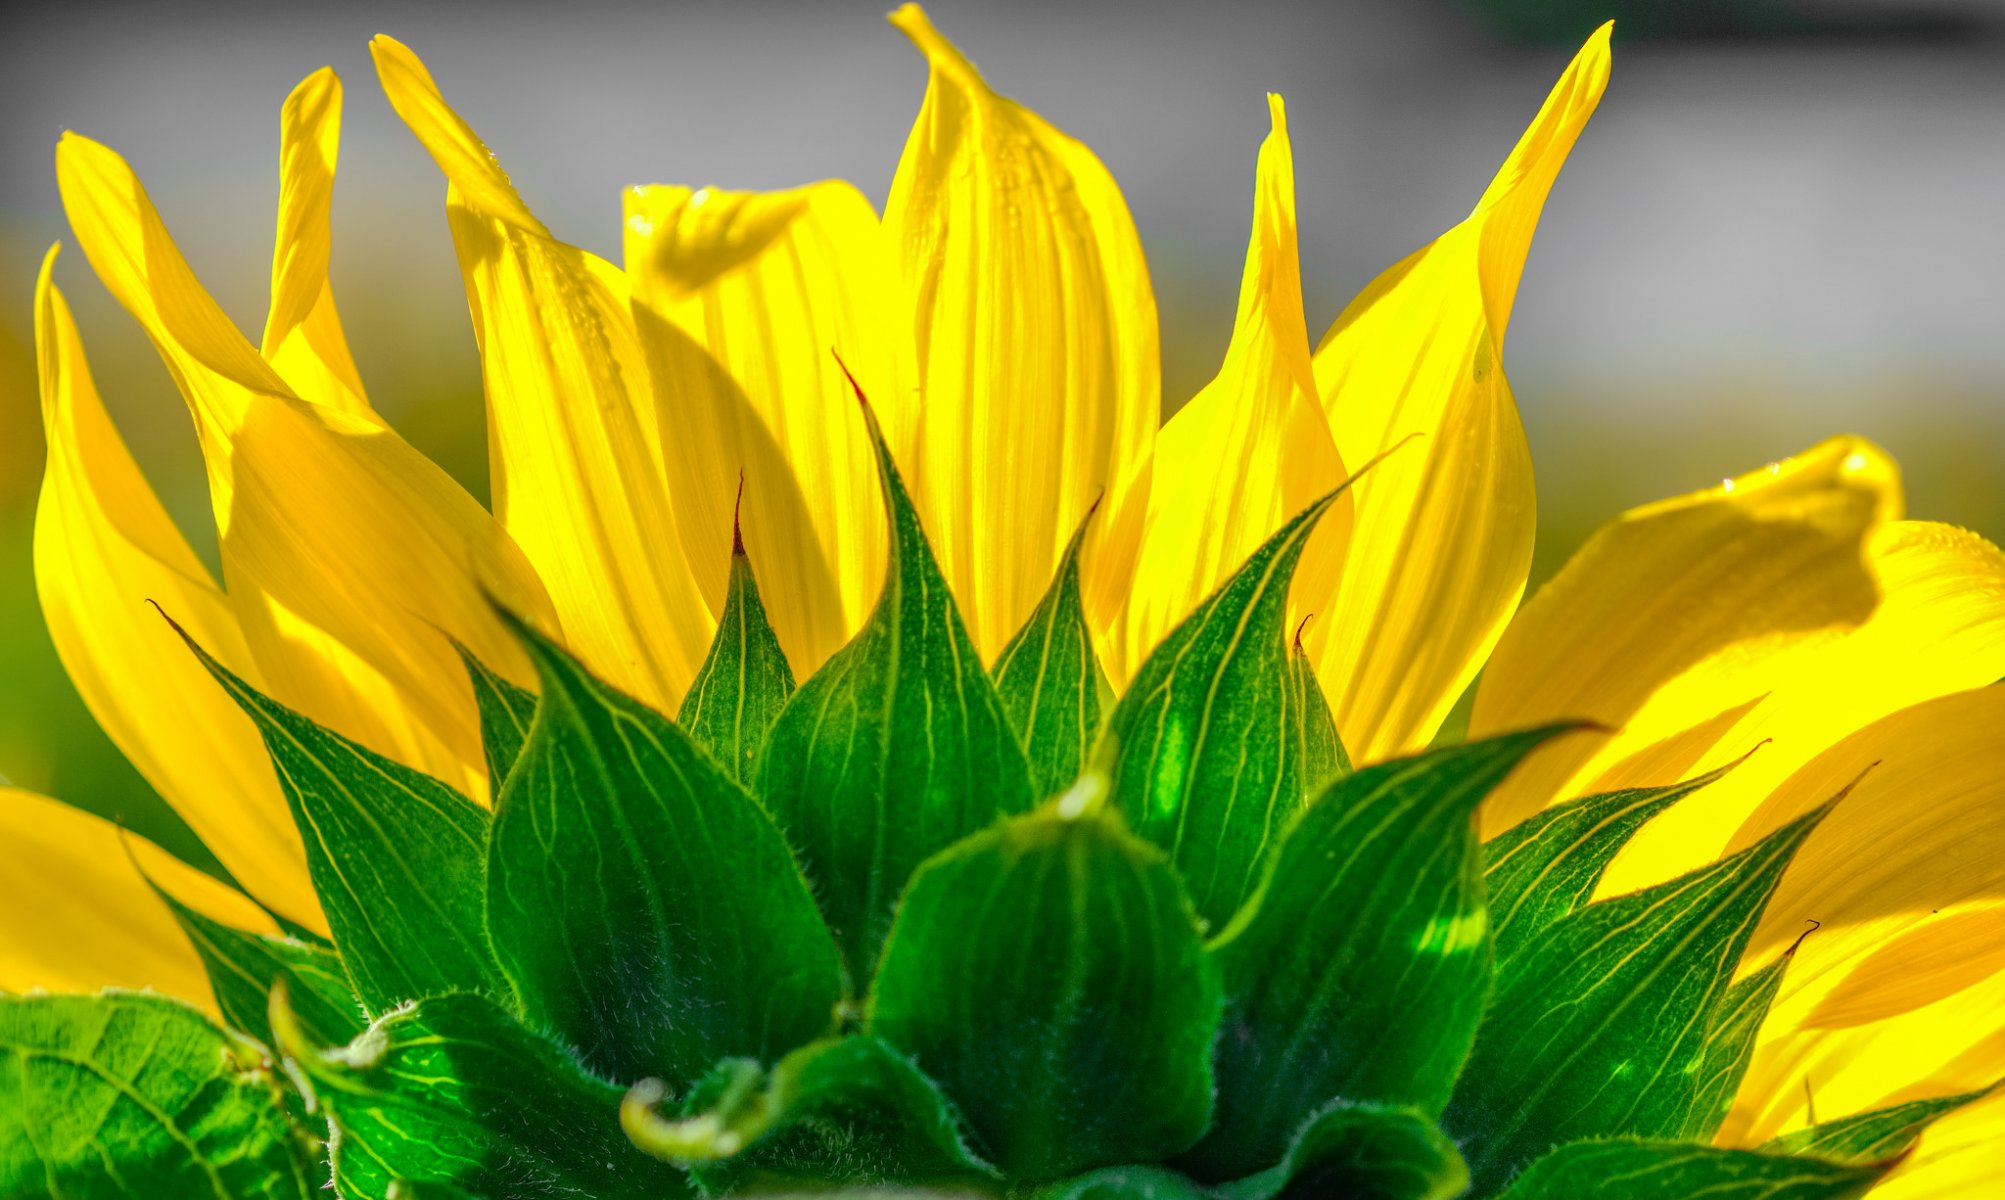 желто зеленые картинки на природе речь